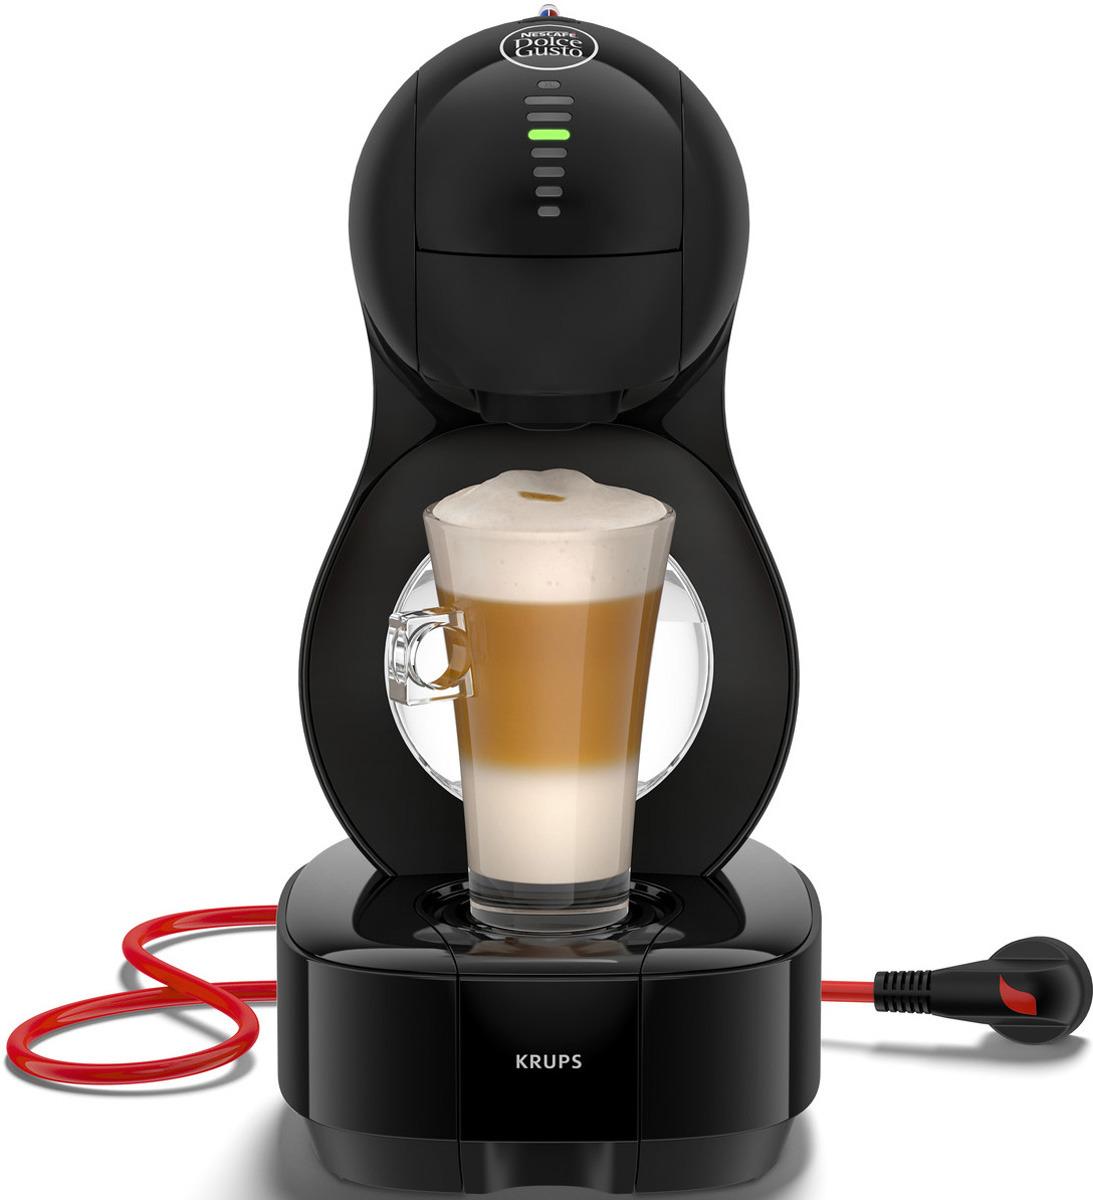 Капсульная кофемашина Krups Lumio KP130810 цены